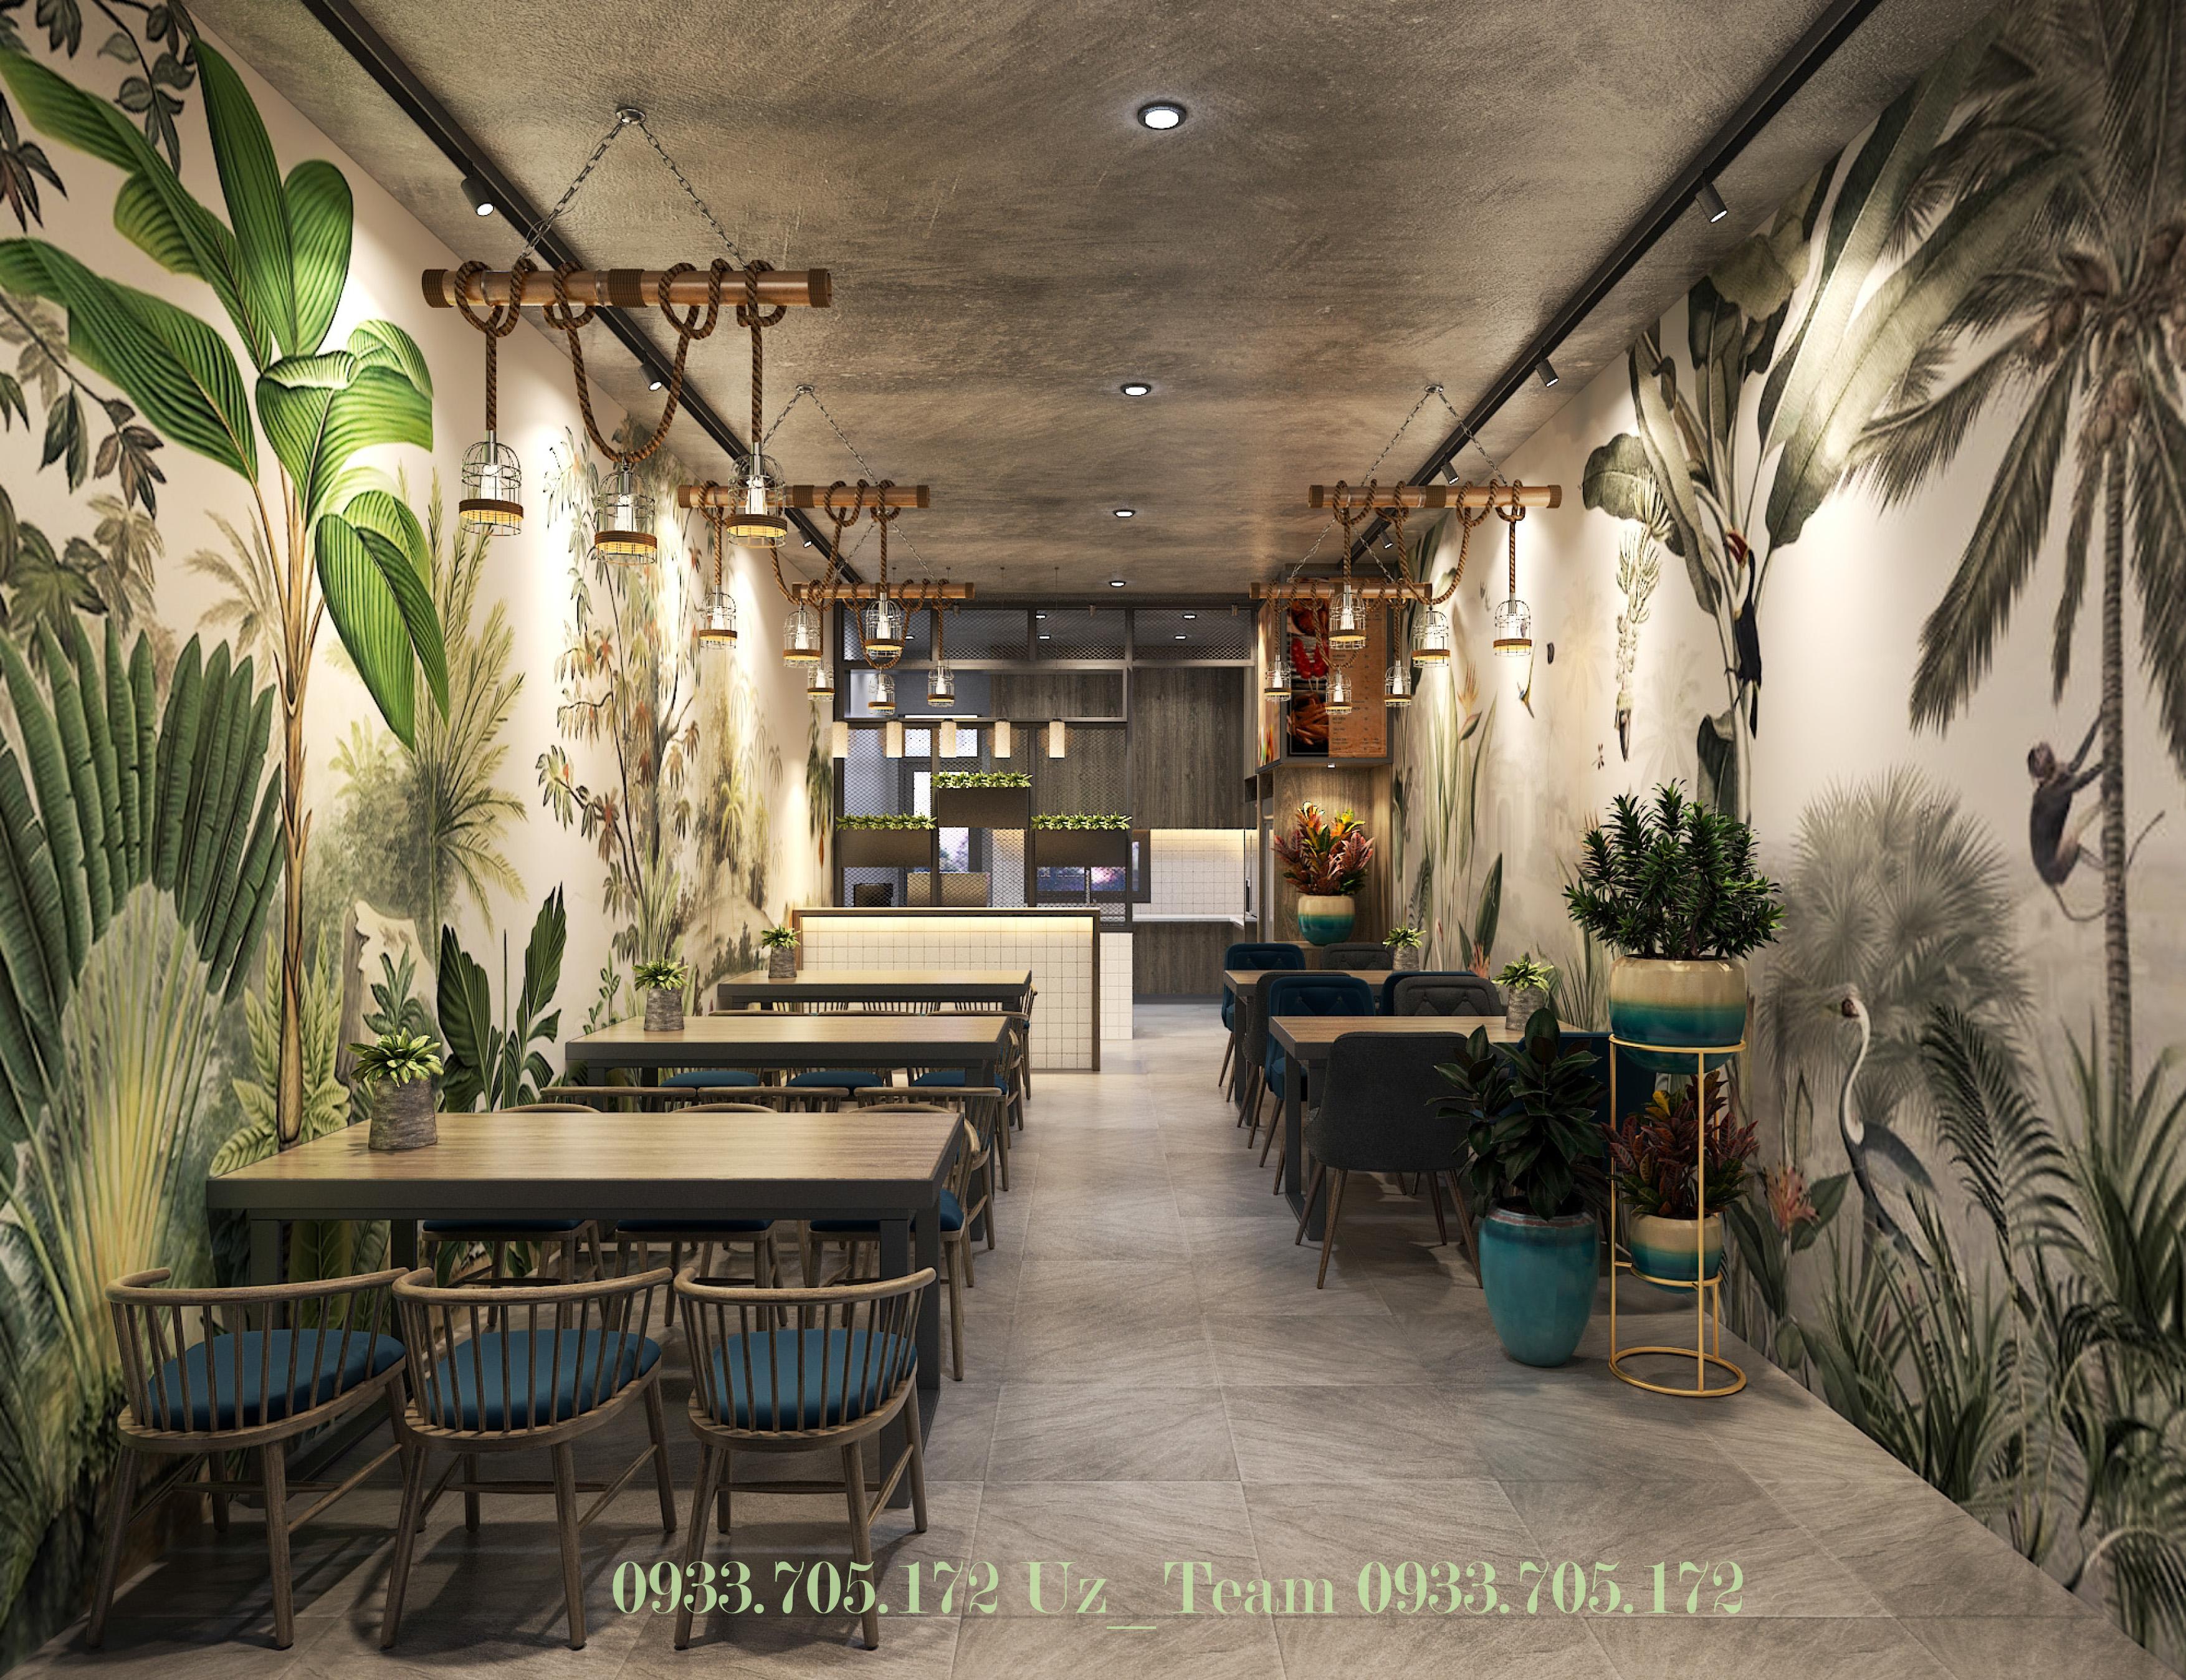 Thiết kế nội thất Cafe tại Hồ Chí Minh COFFEE HOÀNG VĨNH 1634052091 0